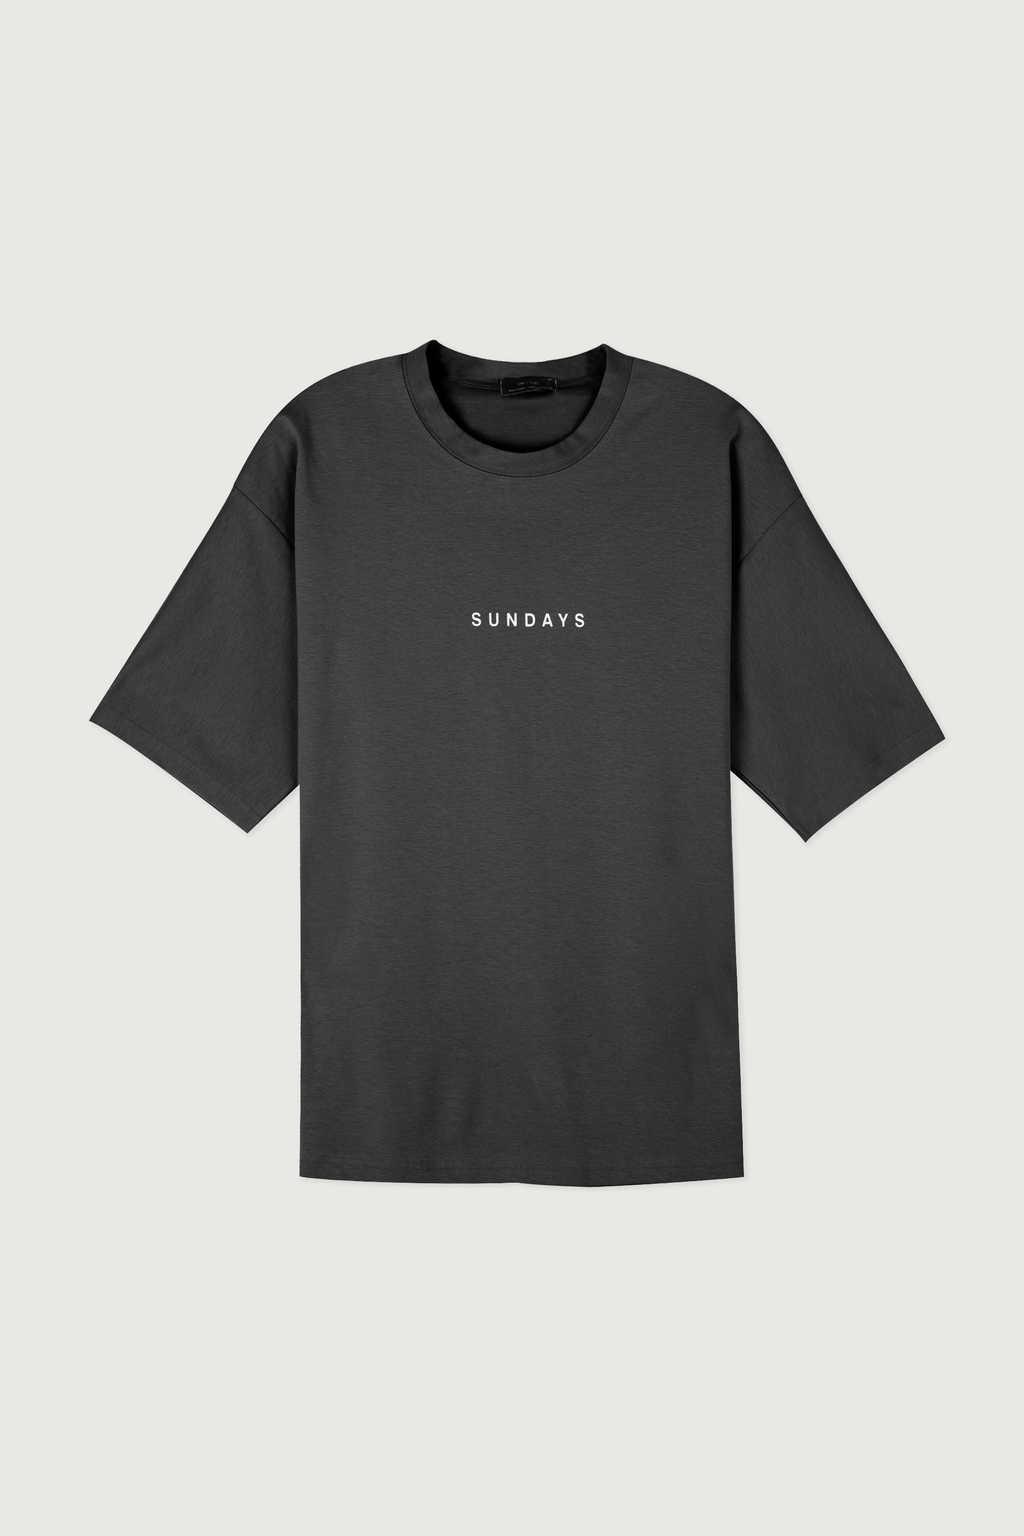 TShirt K002M Black 17